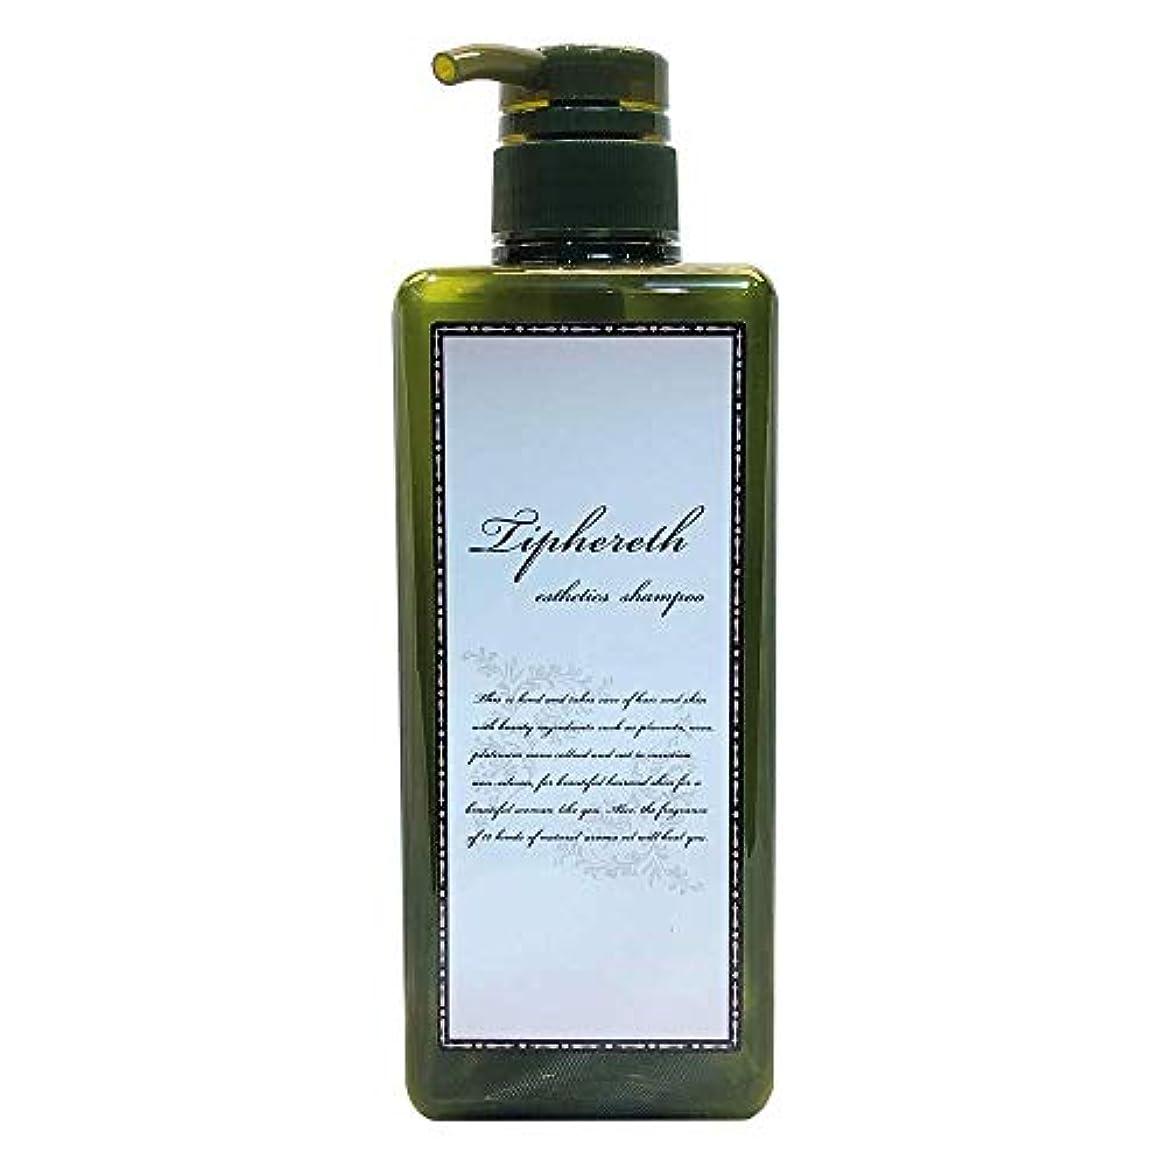 ティファレト 美容液シャンプー 美容室専売品 頭皮 かゆみ くせ毛 うねり ボリュームが気になる方へ